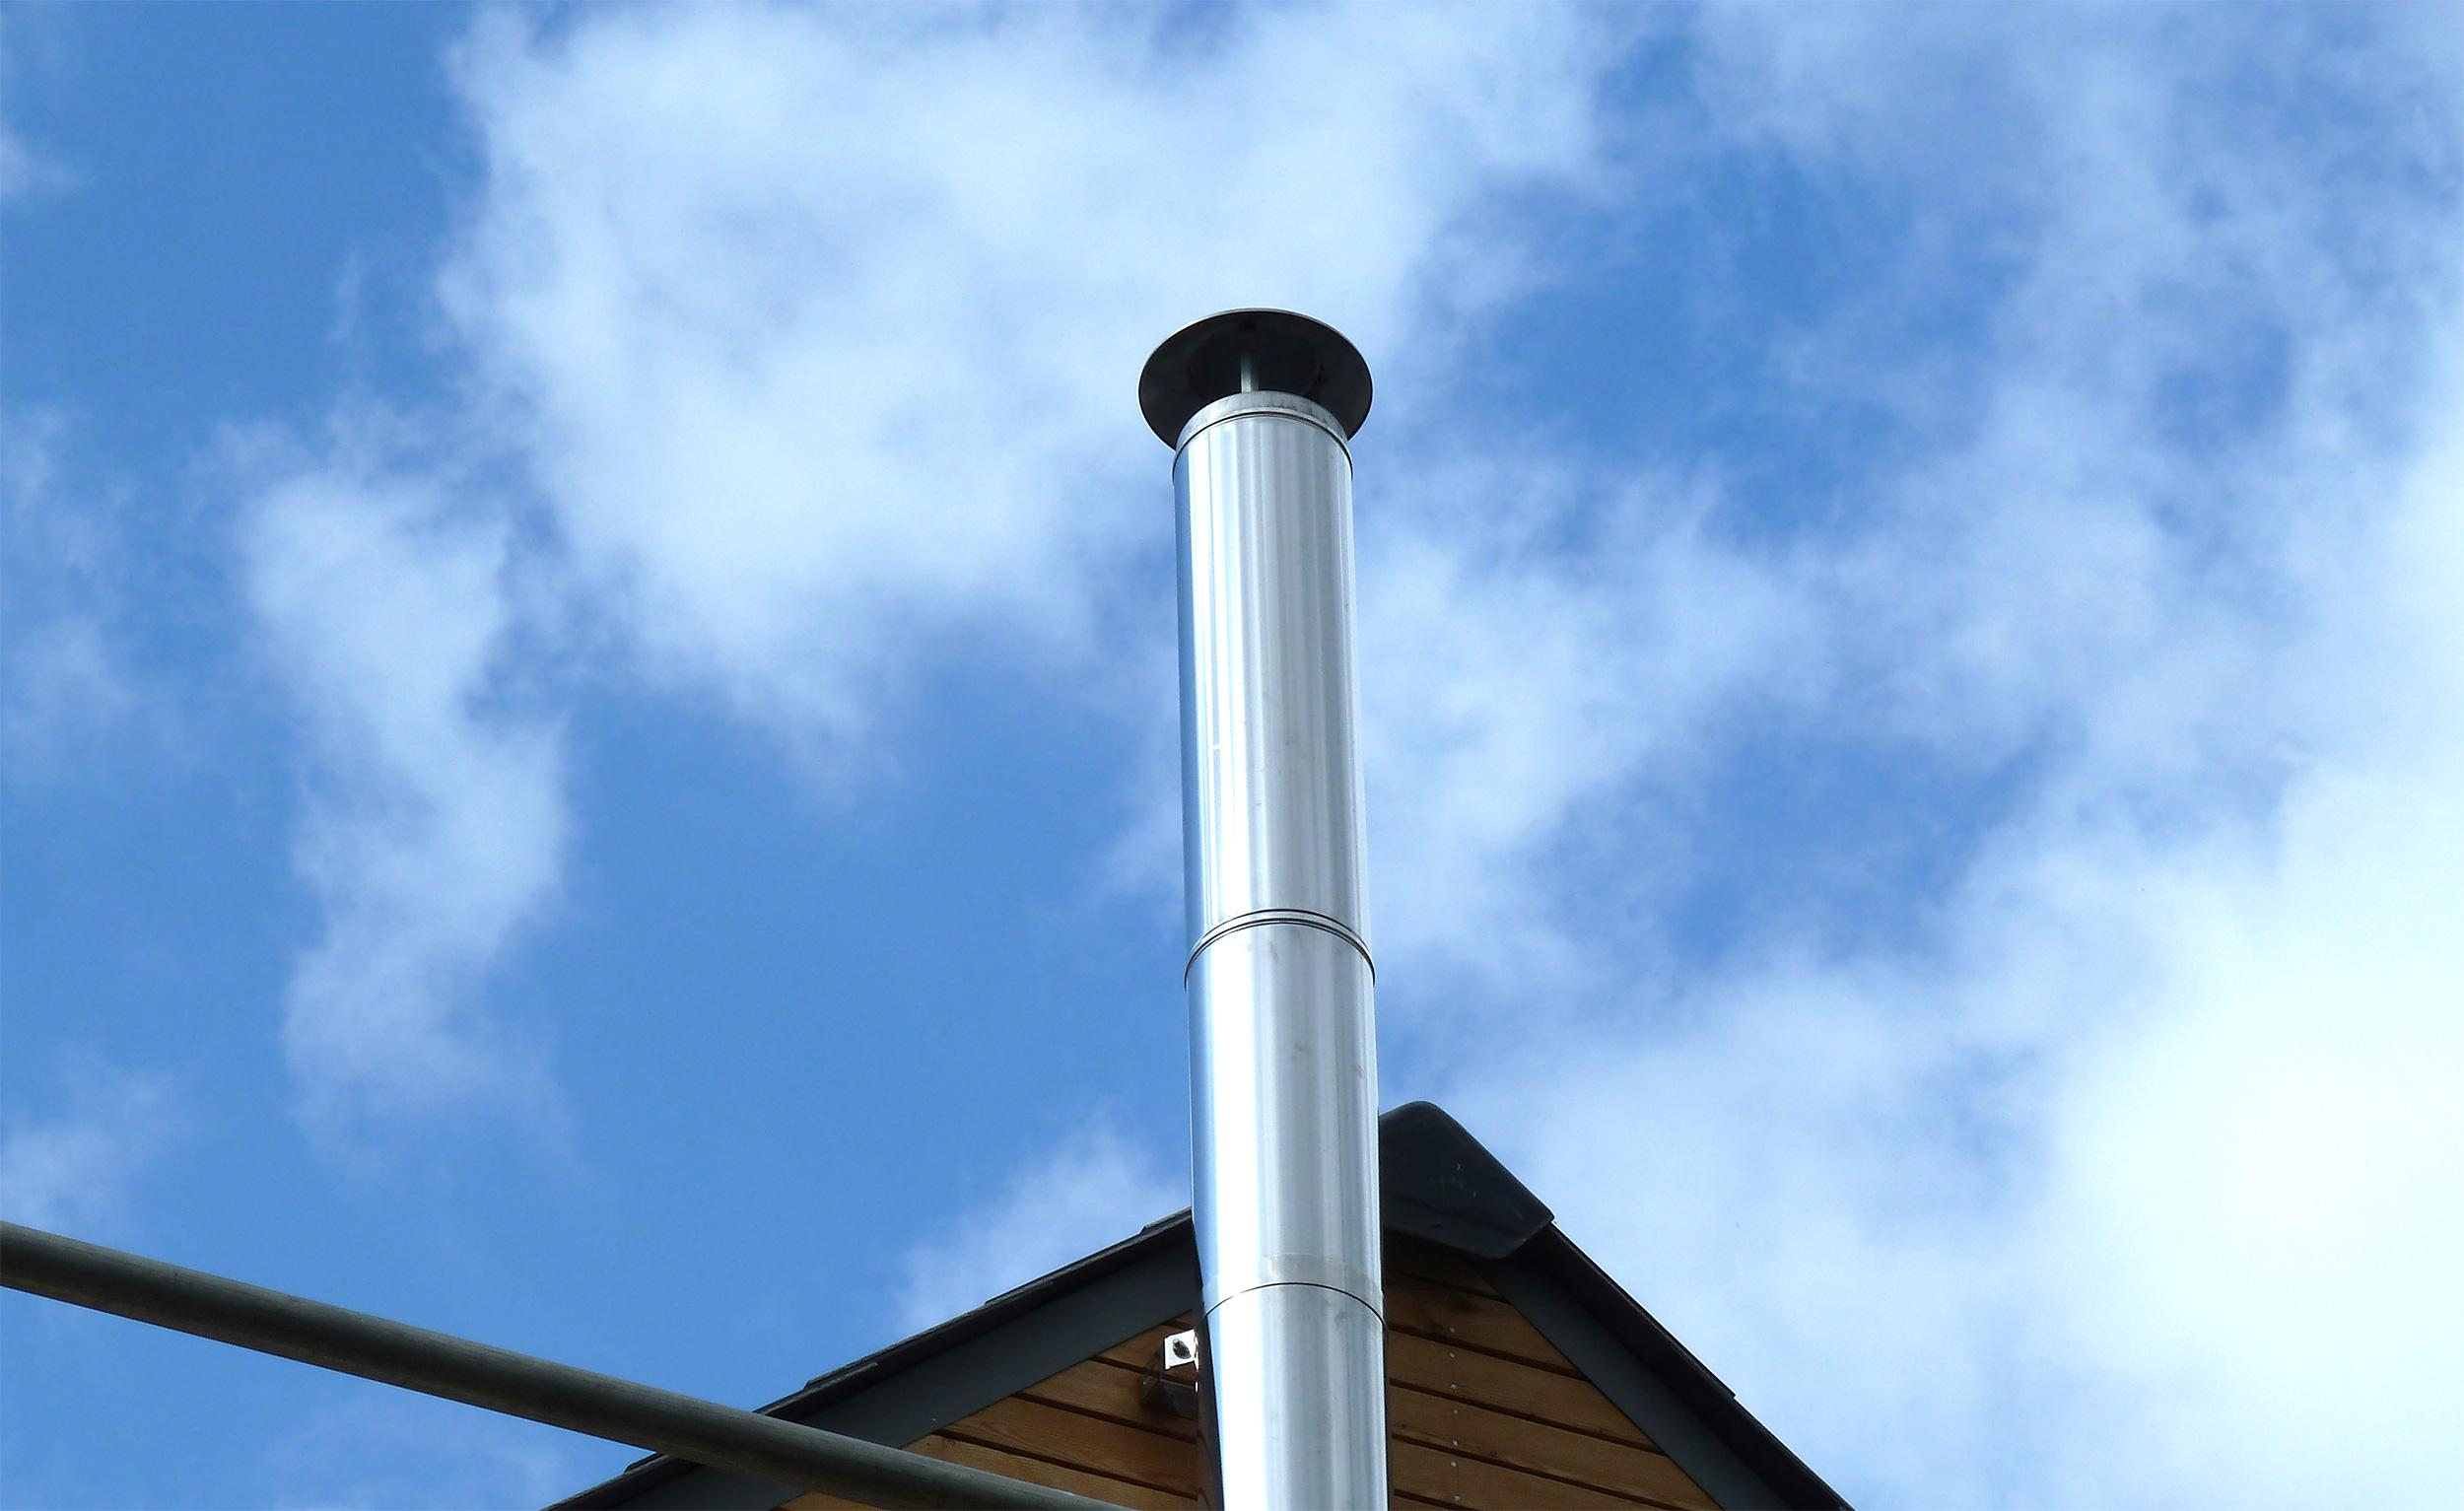 Larchwood dwelling modece architects suffolk bury st edmunds sustainable eco sky flue